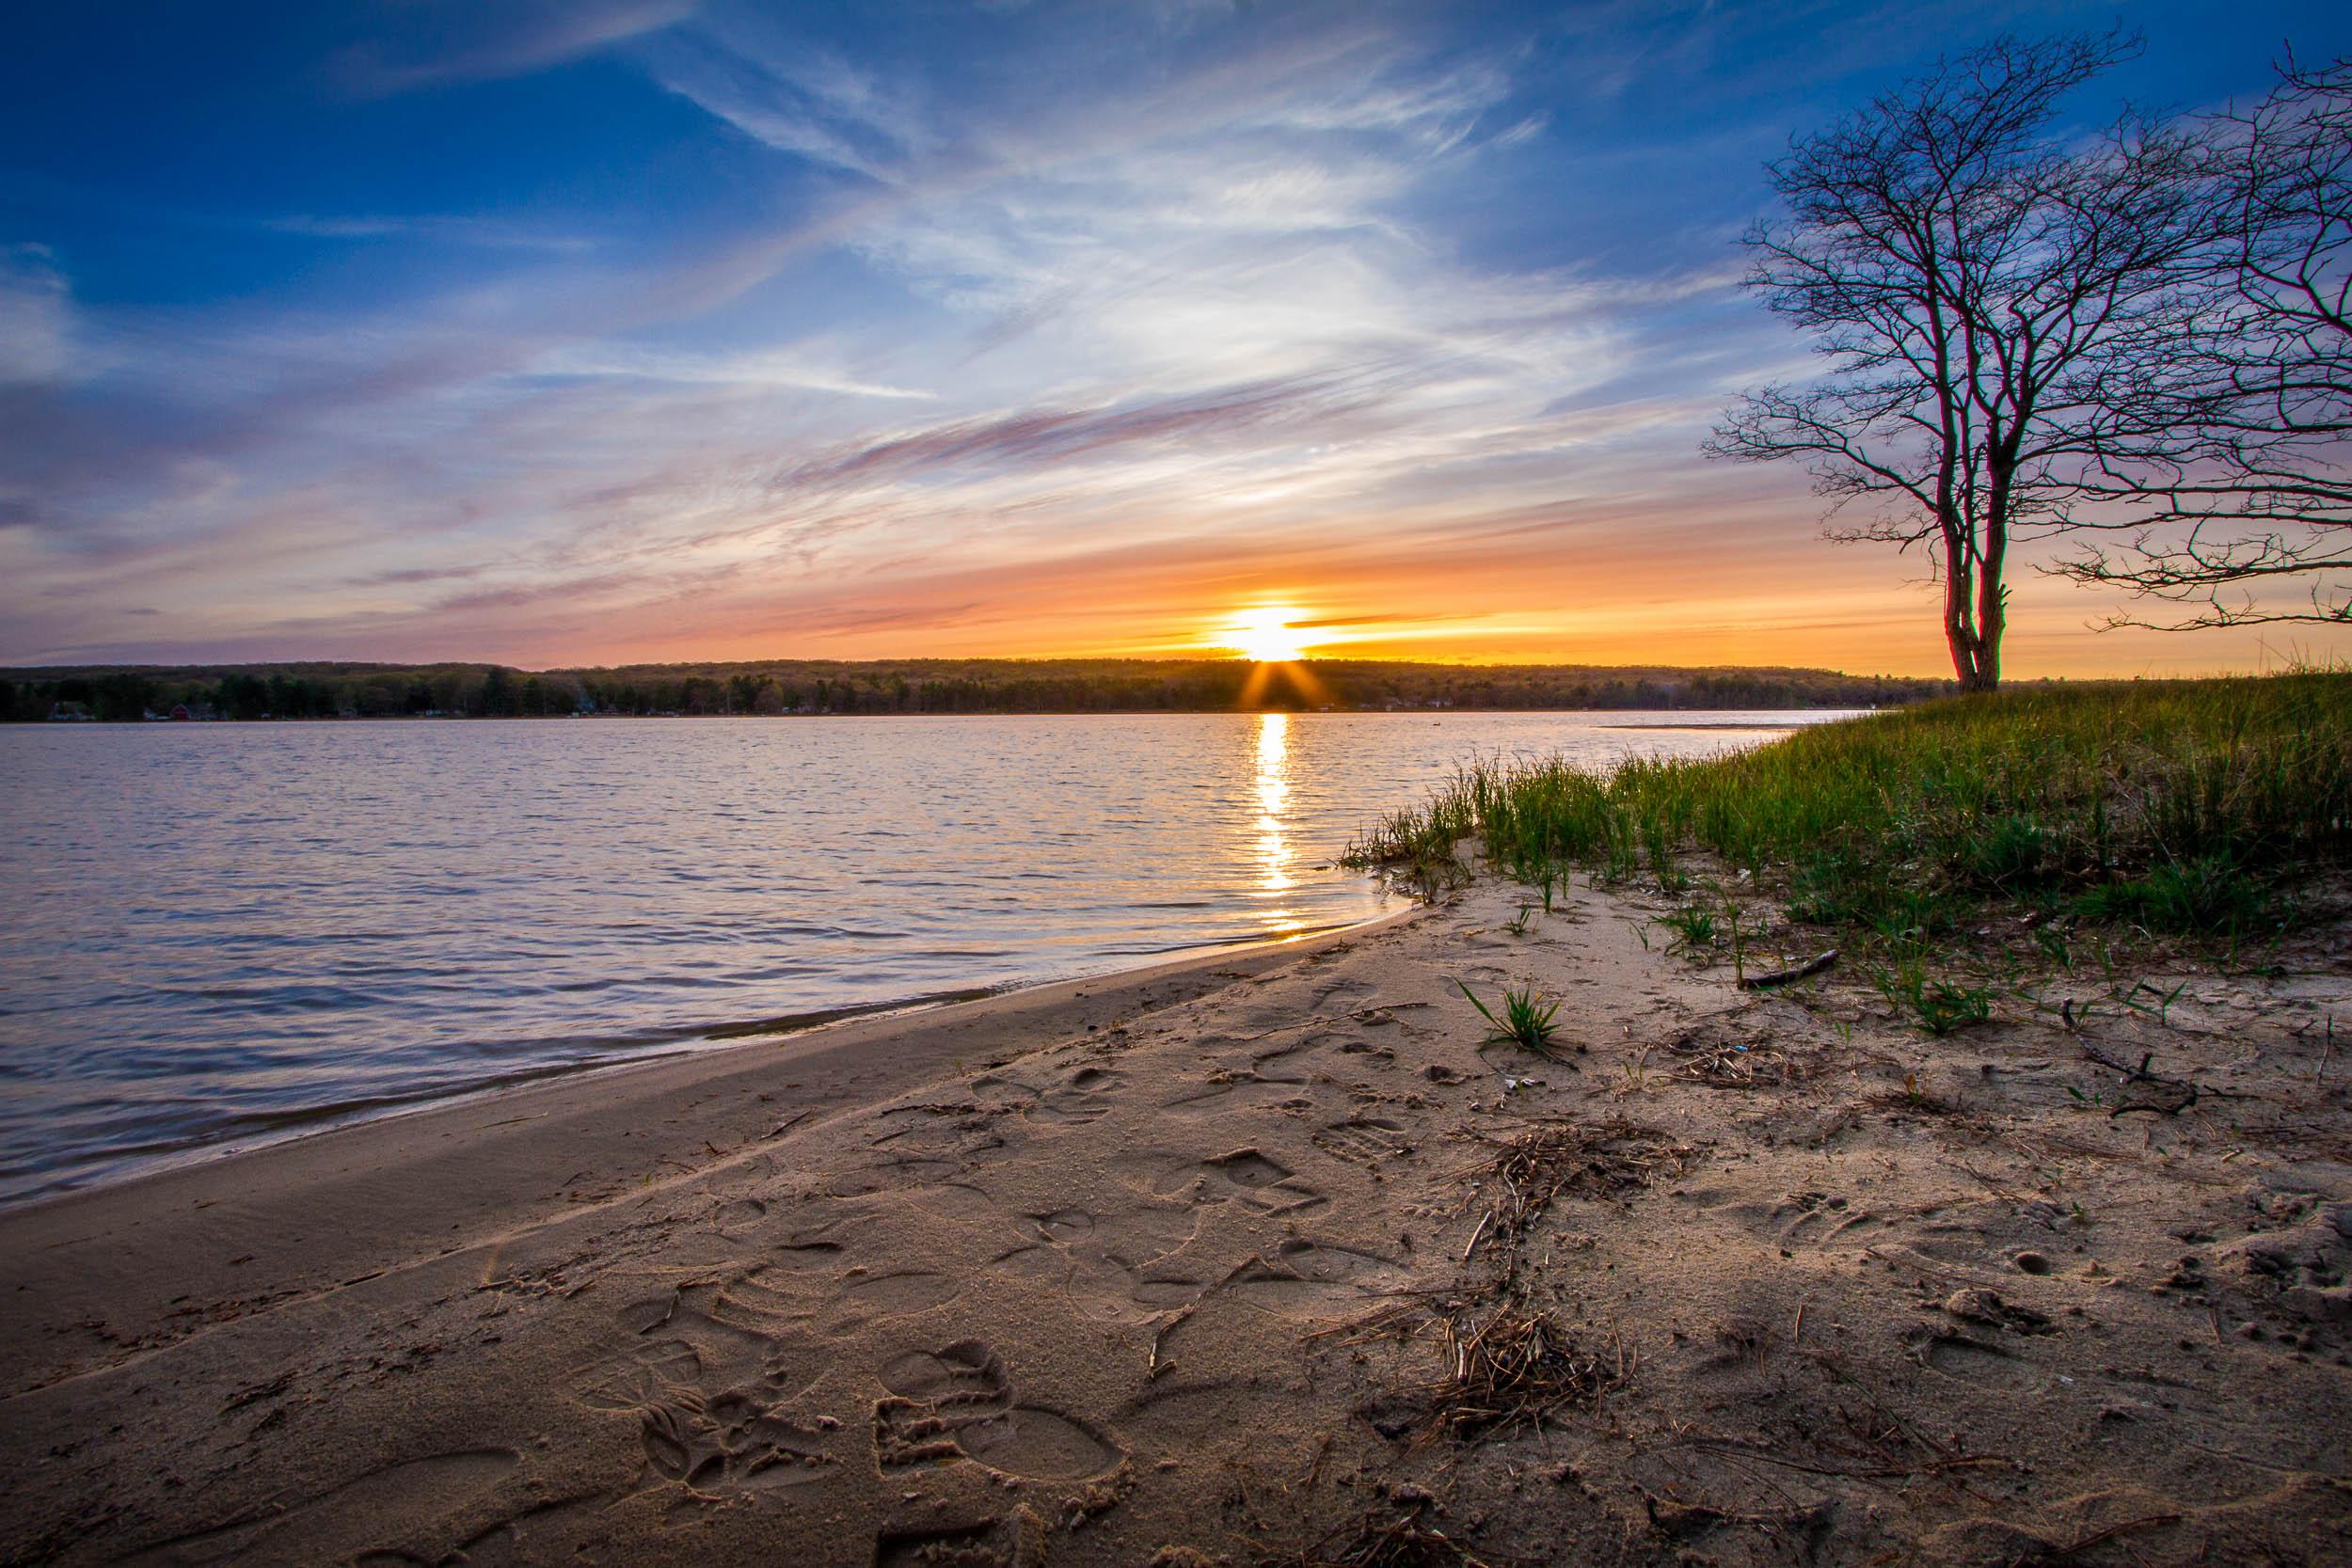 Sunset on Otsego Lake